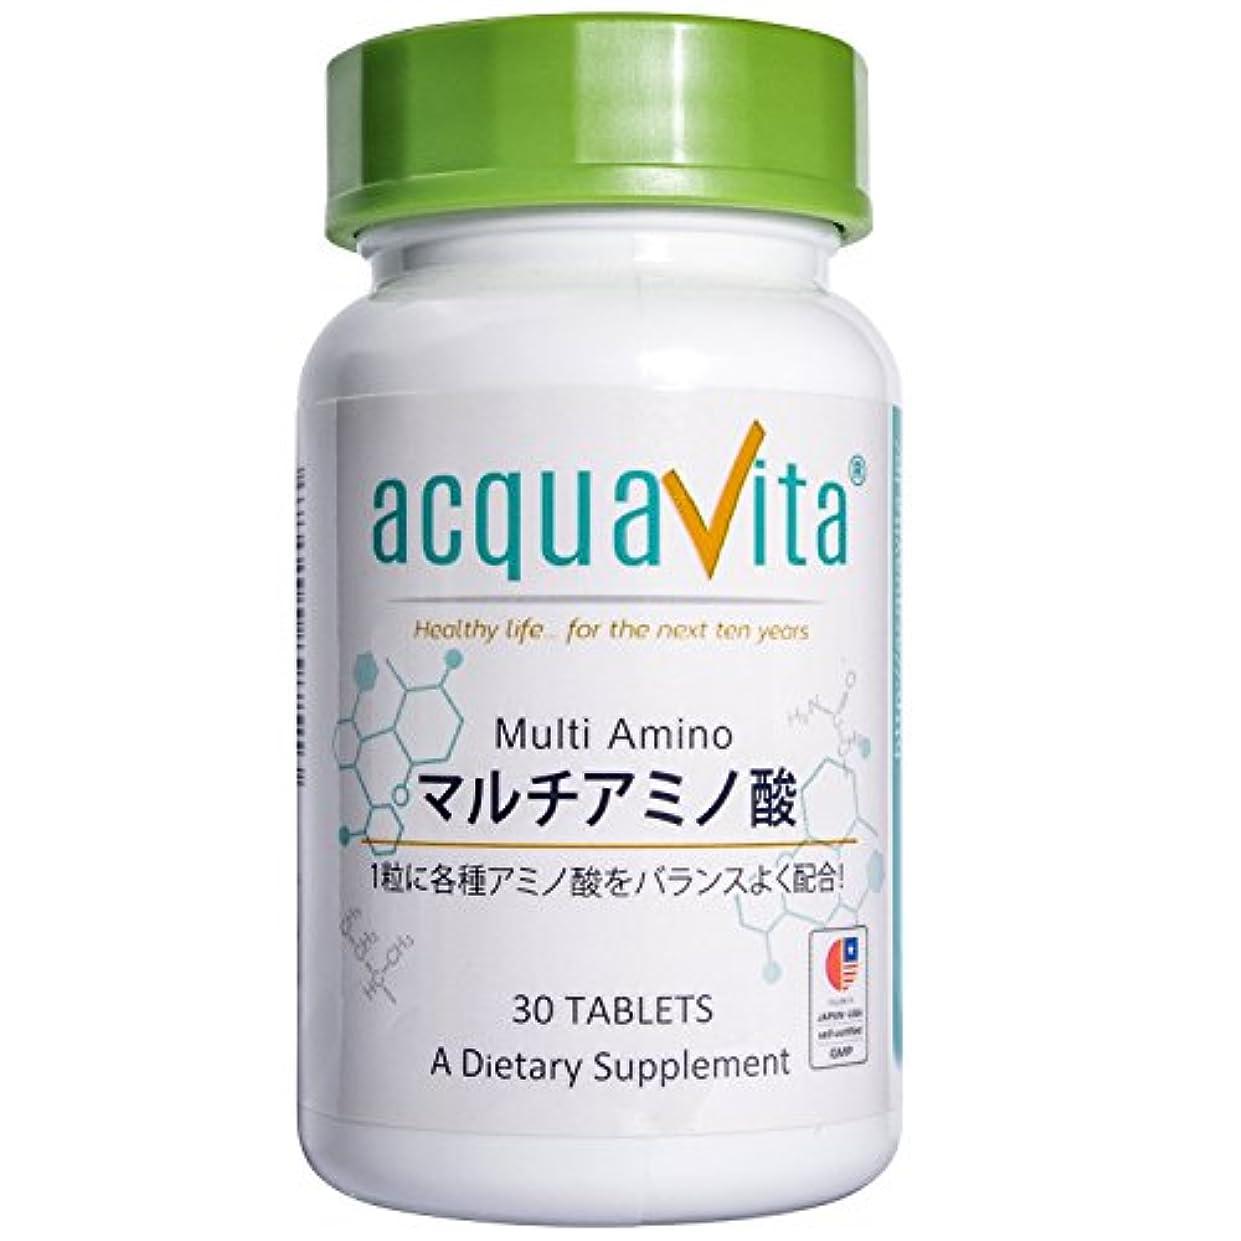 会員来てすでにacquavita(アクアヴィータ) マルチアミノ酸 30粒